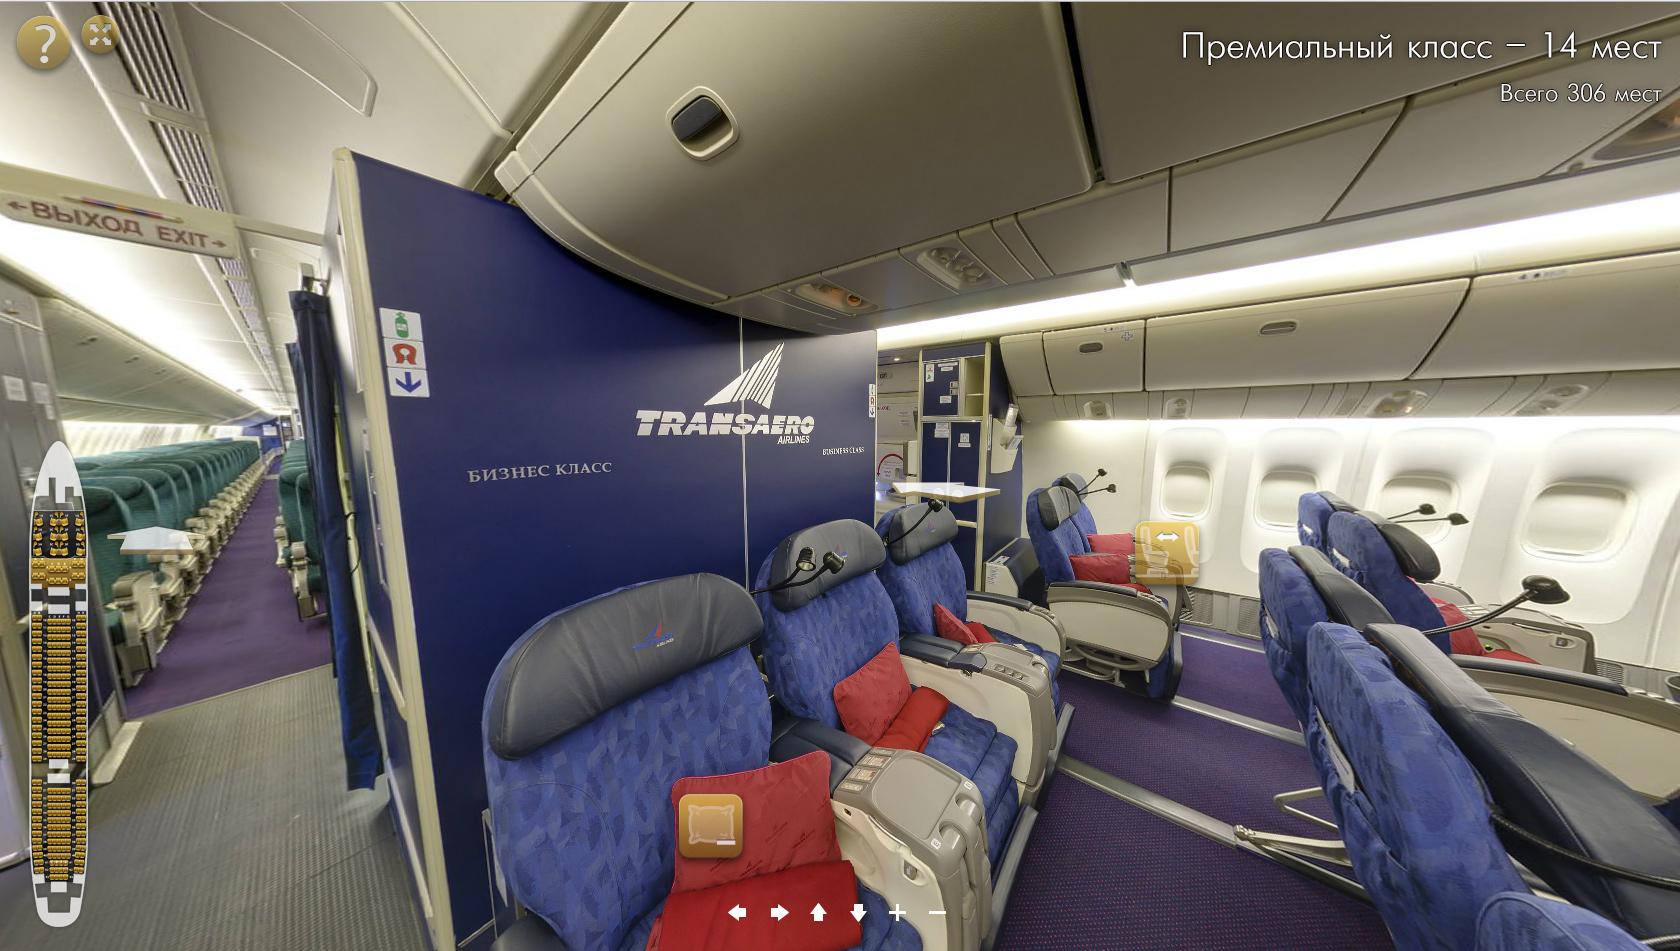 Боинг 777 200 россия схема салона фото 825